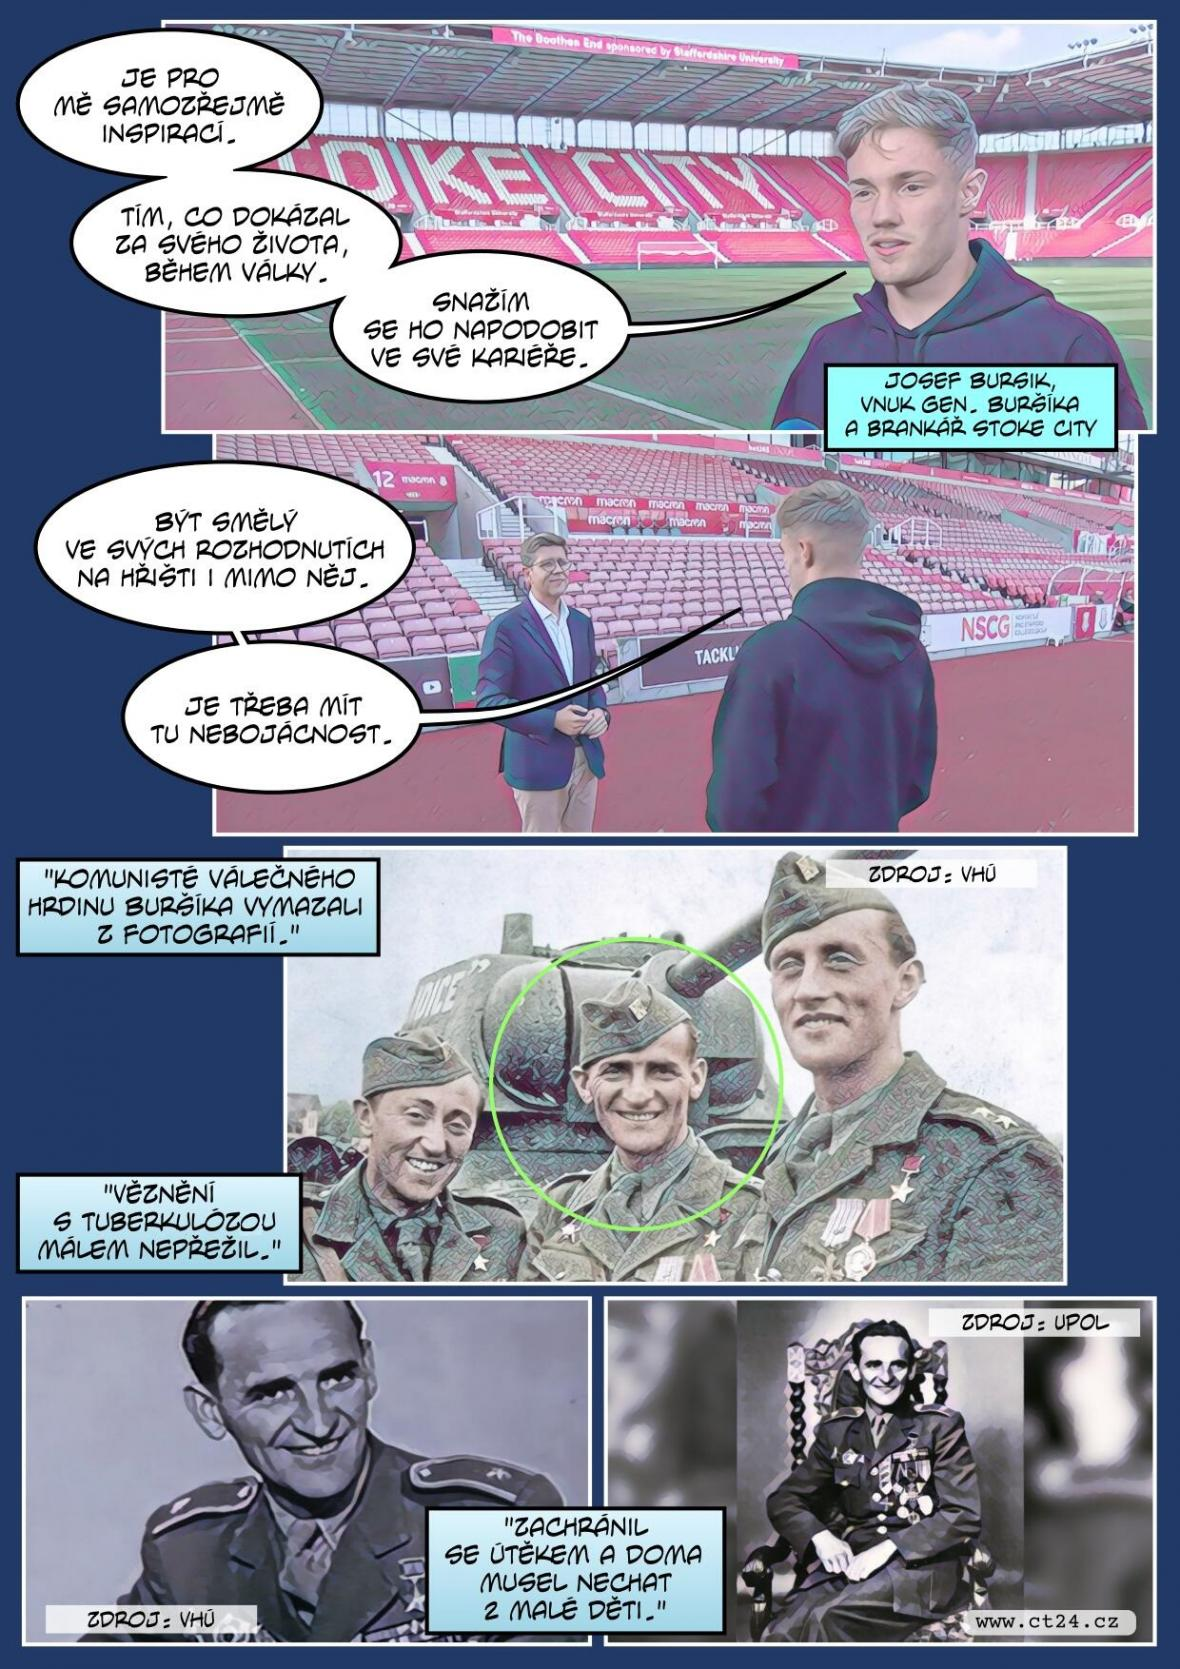 Československého hrdinu z východní fronty připomíná jeho vnuk v brance Stoke City